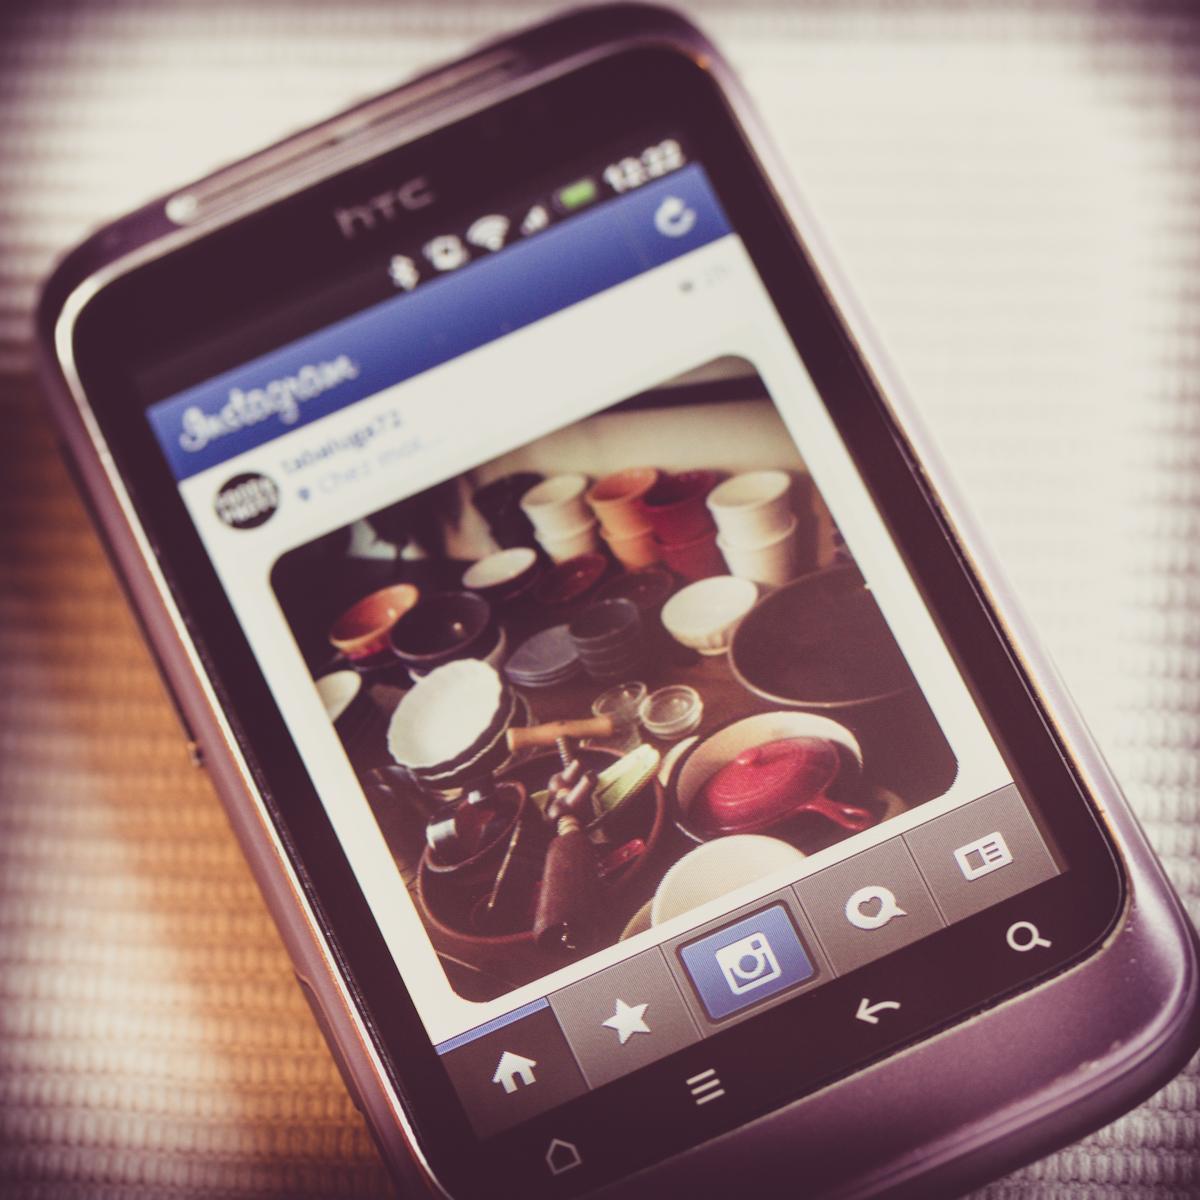 Instagram per Android, tutto quello che dovete sapere // Prima parte